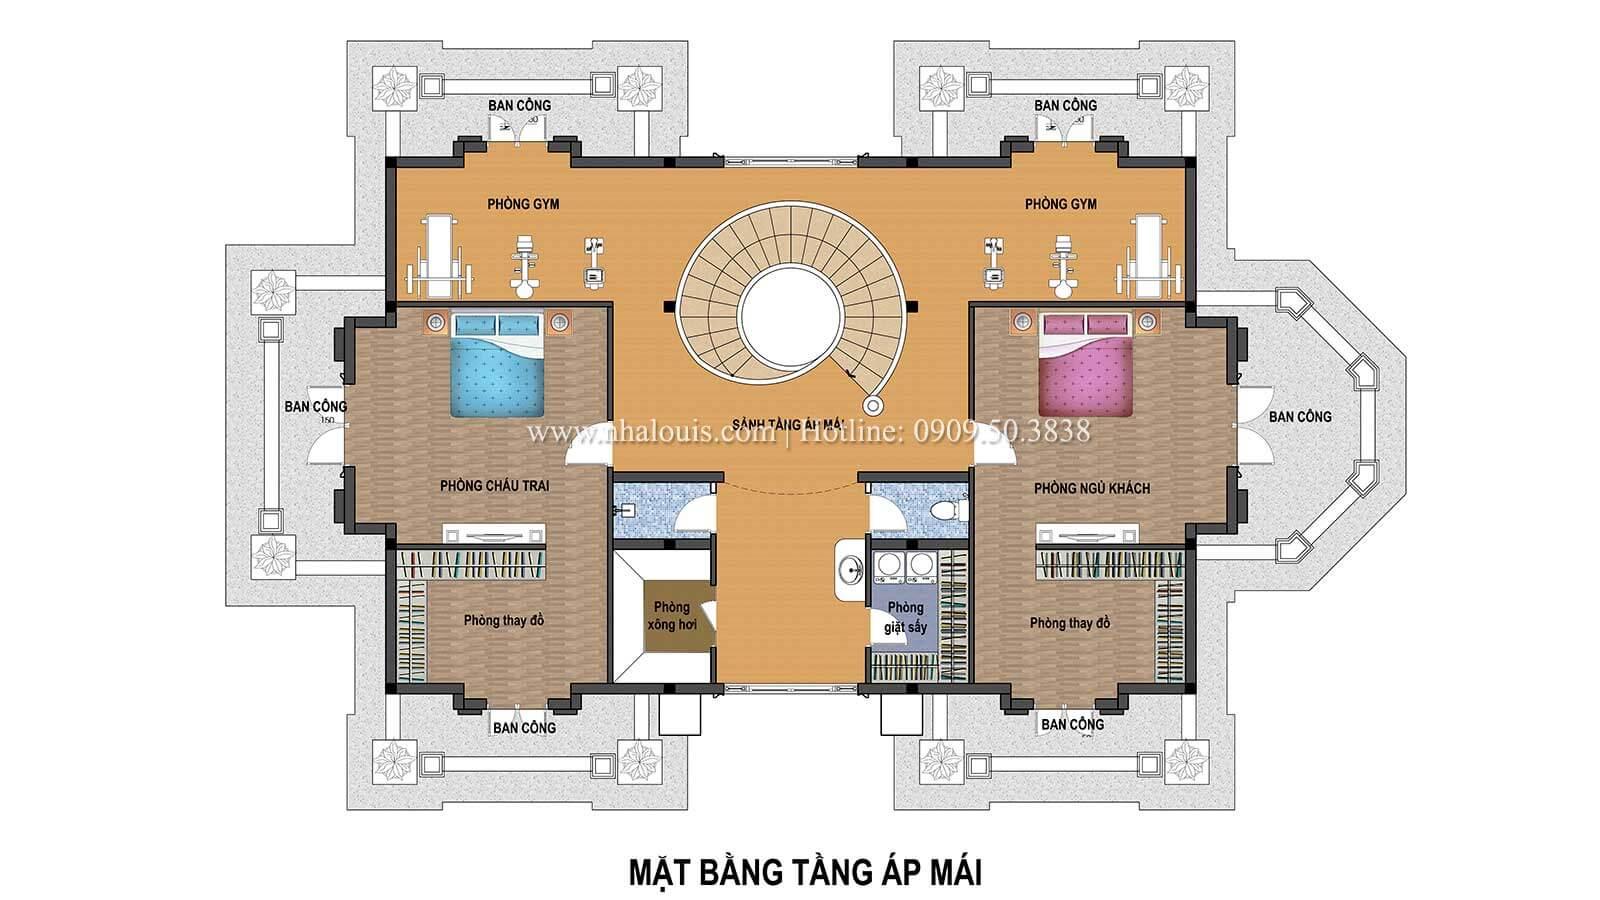 Mặt bằng tầng áp mái Thiết kế biệt thự châu âu cổ điển 4 tầng đẳng cấp tại Kiên Giang